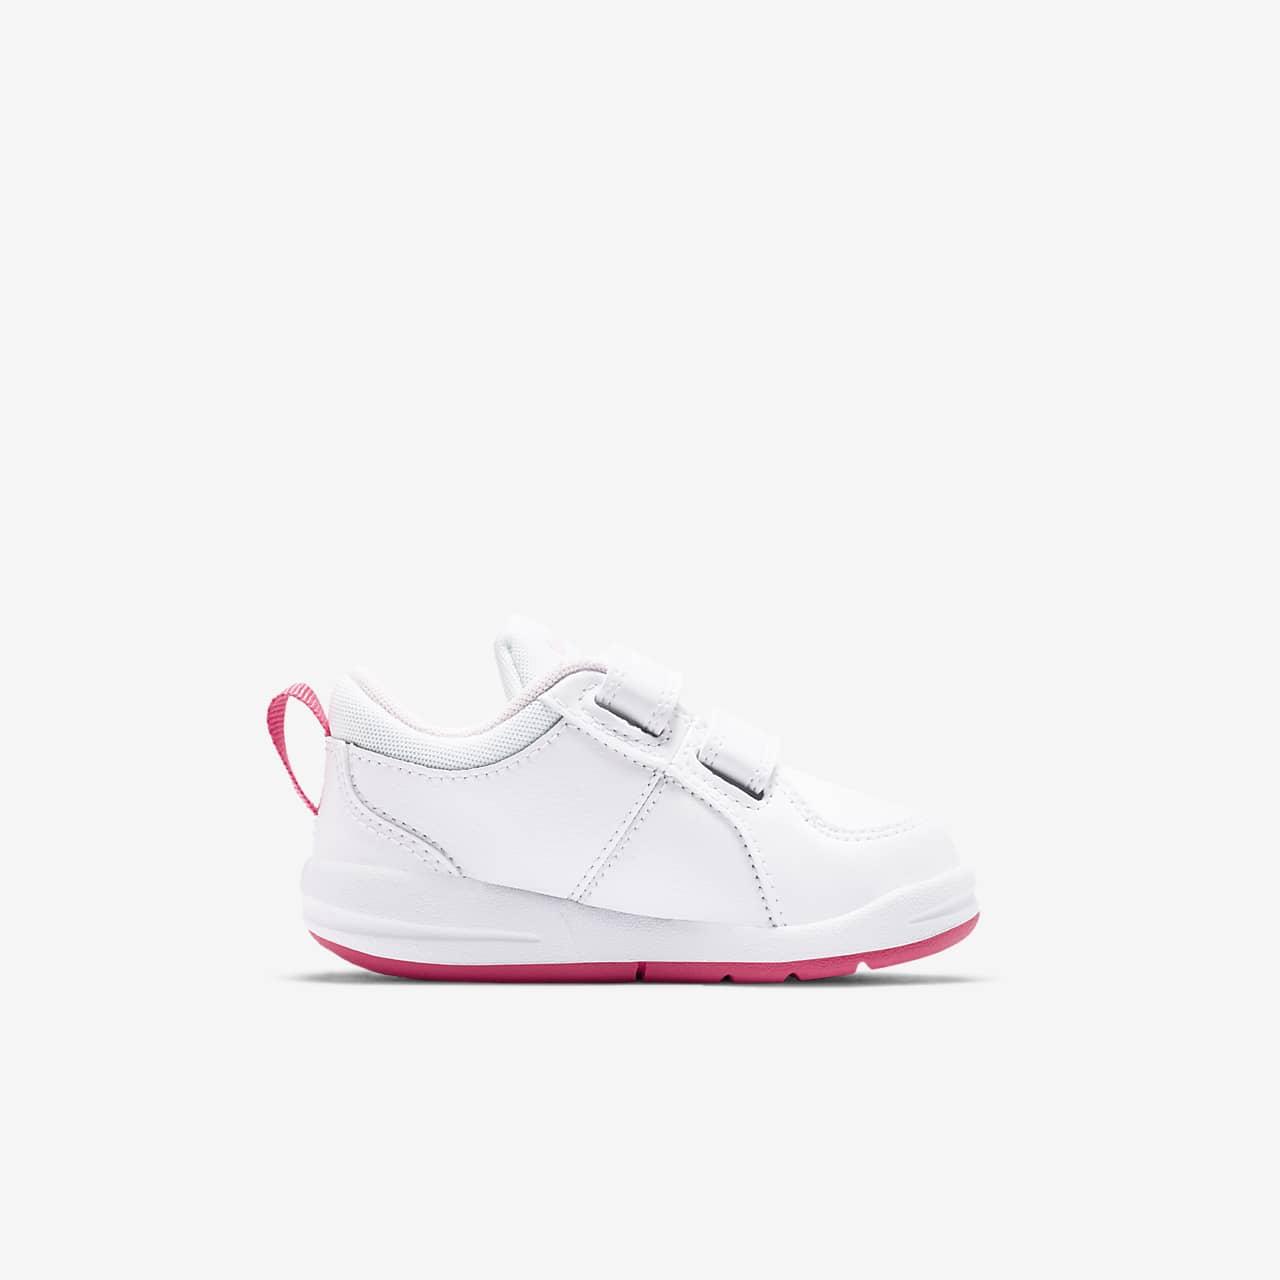 new styles 71cd1 e1f1d ... Calzado para bebé e infantil niña Nike Pico 4